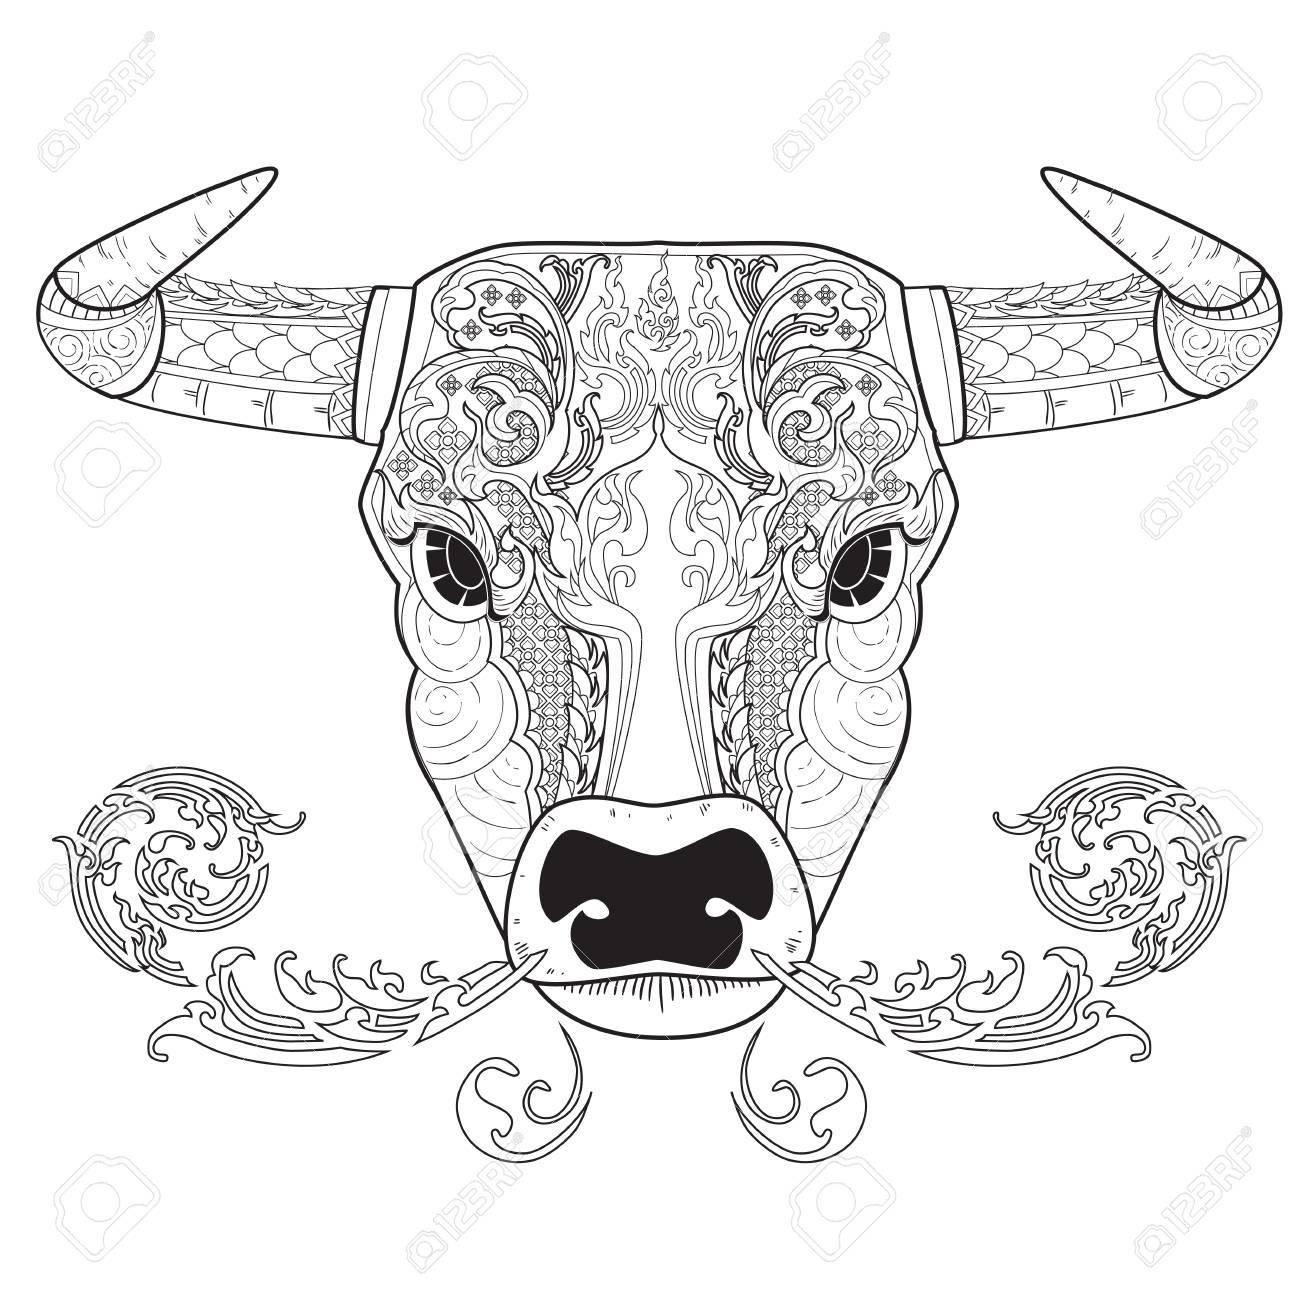 Vistoso Chicago Bulls Para Imprimir Para Colorear Foto - Enmarcado ...